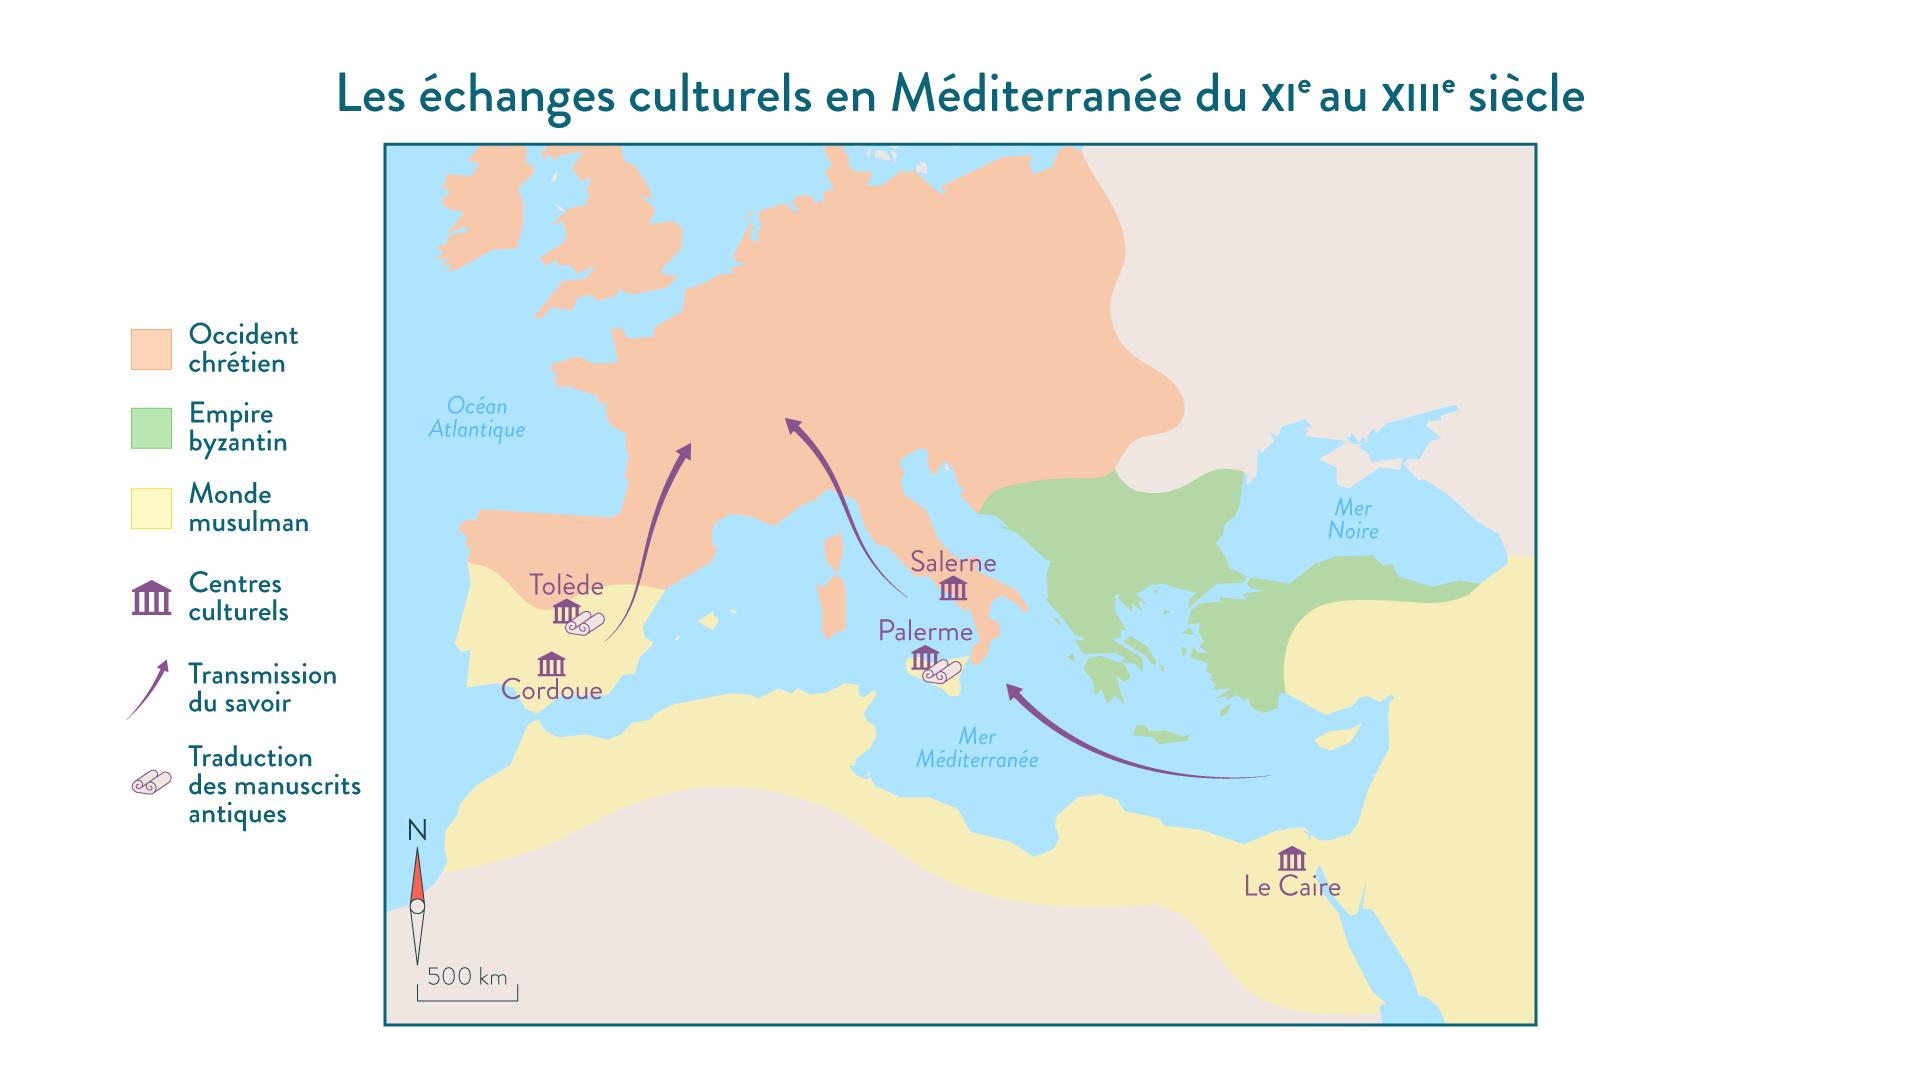 Les échanges culturels en Méditerranée du XIe au XIIIe siècle - 5e - histoire